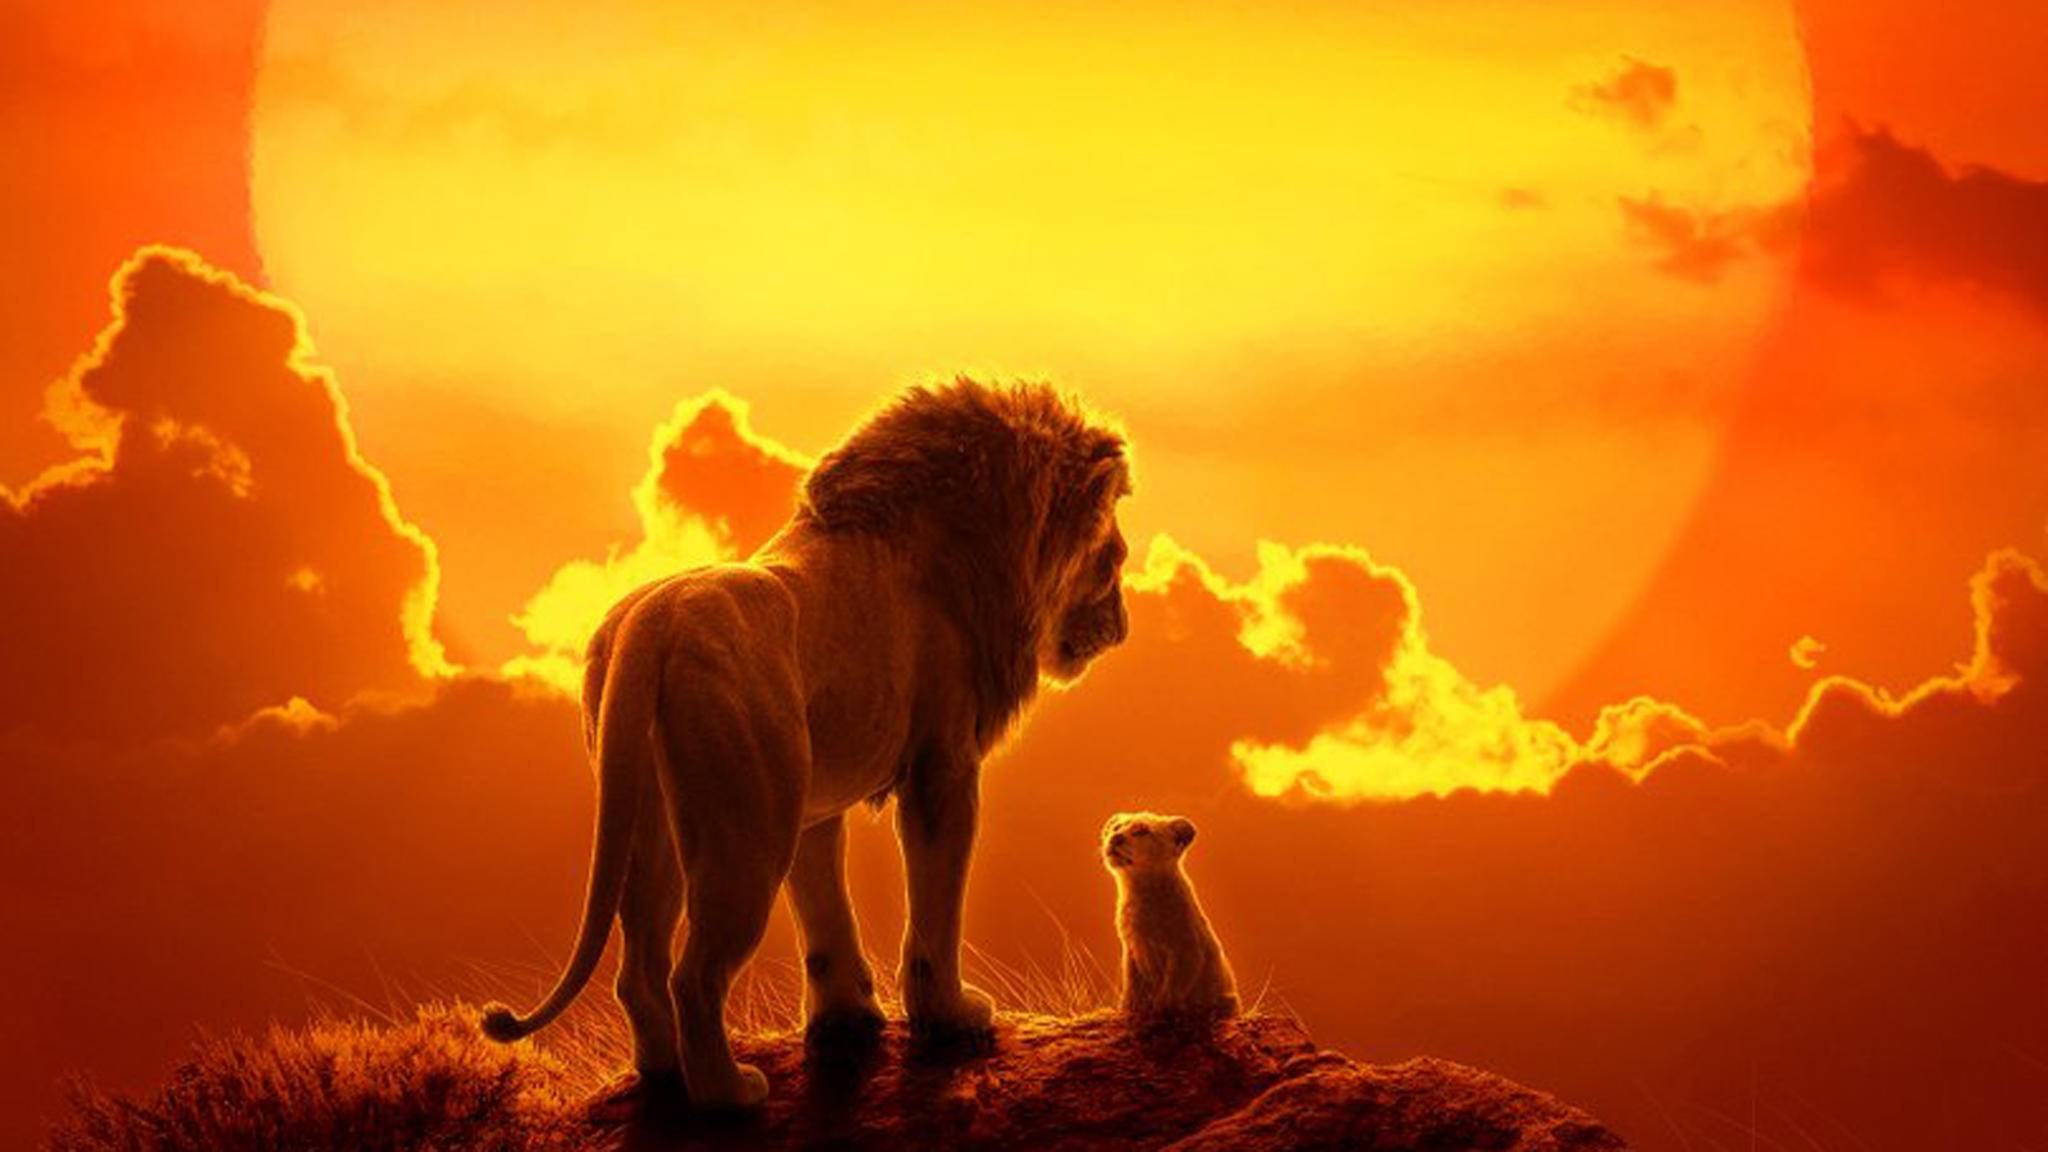 """Ob Zeichentrick oder Live-Action-Remake: """"Der König der Löwen"""" zieht in jeder Form die Zuschauer in seinen Bann."""